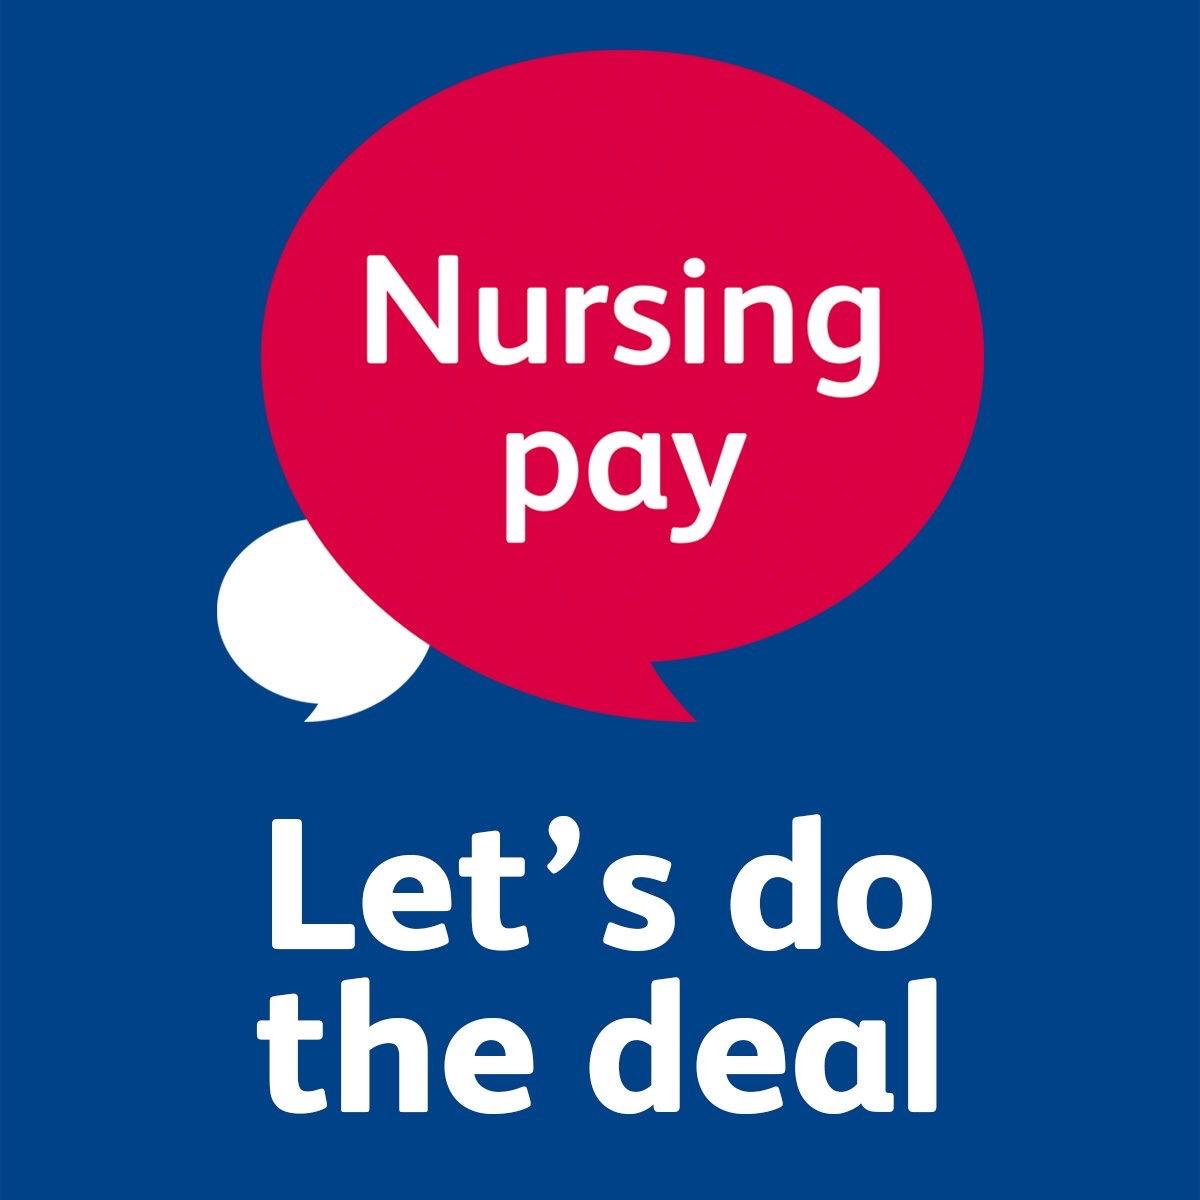 NHS Nursing Pay